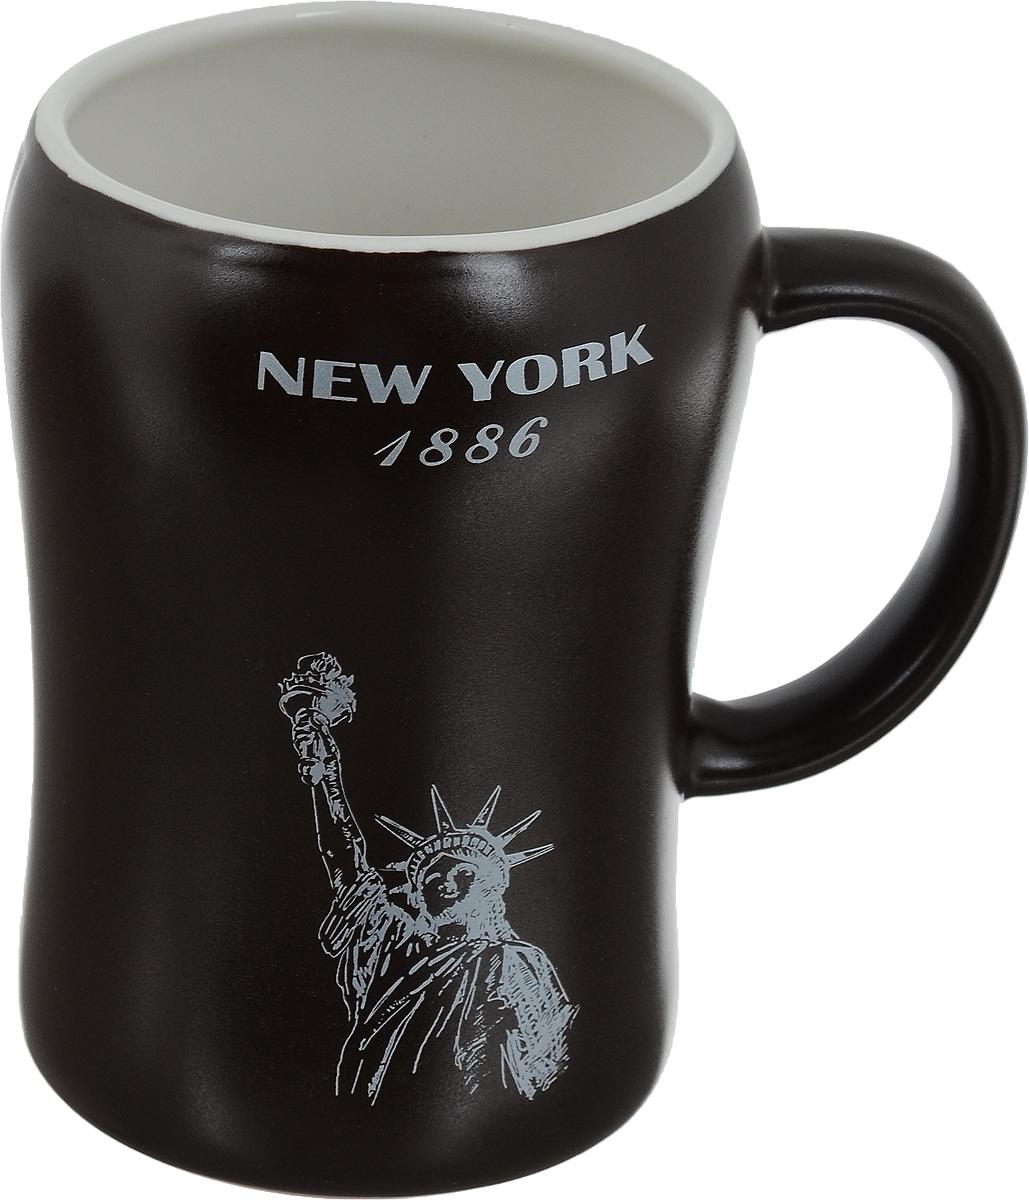 Кружка пивная Bella New York, 500 млVT-1520(SR)Пивная кружка Bella New York - это не просто емкость для пенного напитка, это еще оригинальный сувенир или прекрасный подарок для настоящего ценителя. Такая пивная кружка превращает распитие пива в настоящий ритуал. Кружка выполнена из керамики и оформлена изображением Статуи Свободы и надписью New York 1886. Пивная кружка Bella New York станет прекрасным пополнением вашей коллекции. Не рекомендуется мыть в посудомоечной машине.Объем: 500 мл. Высота кружки: 13 см. Диаметр (по верхнему краю): 8,5 см.